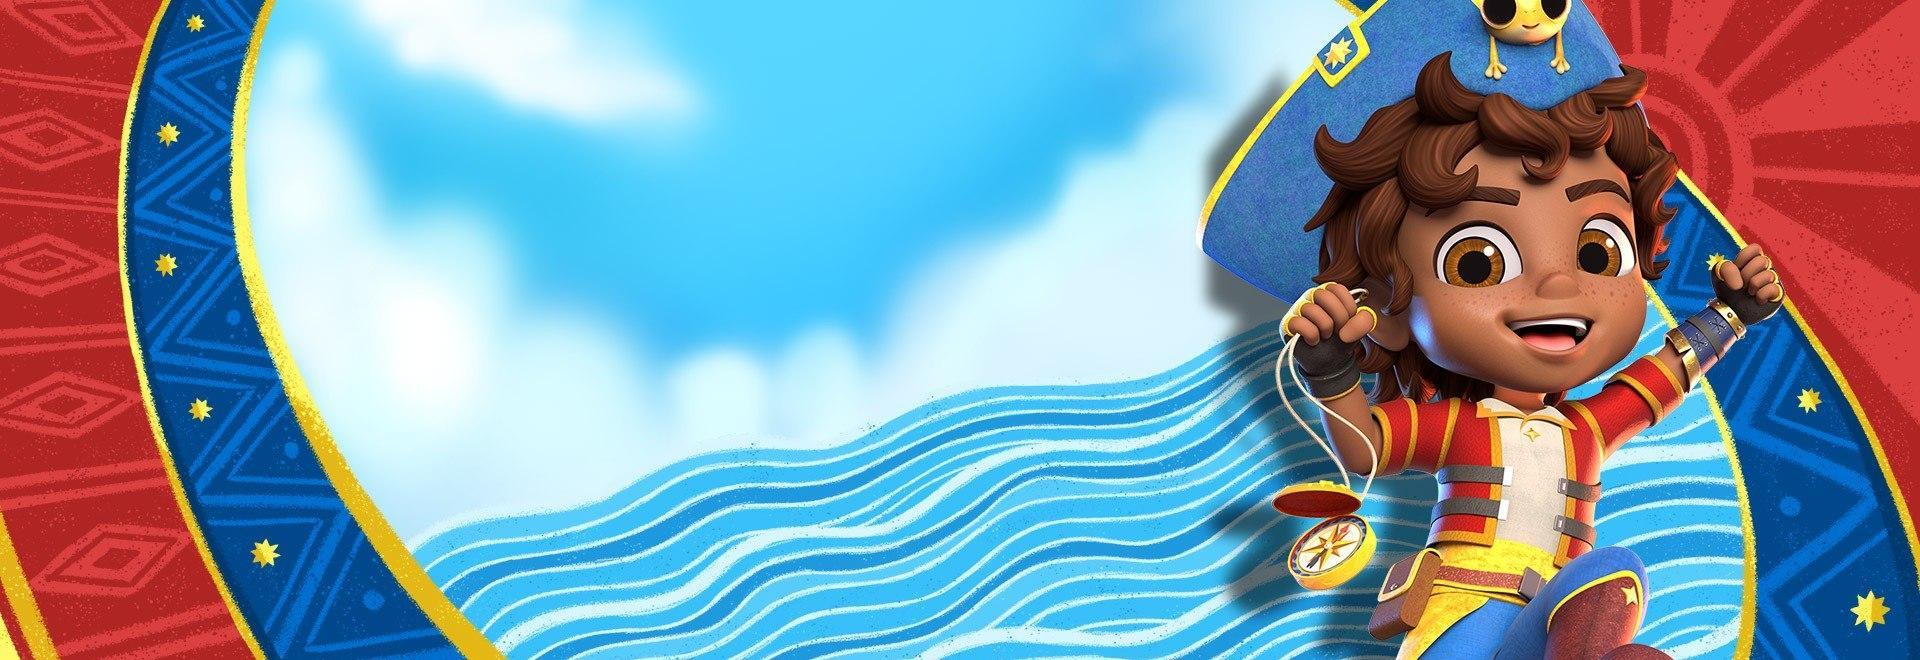 La tromba di Tritone / L'incantesimo della piccola pirata